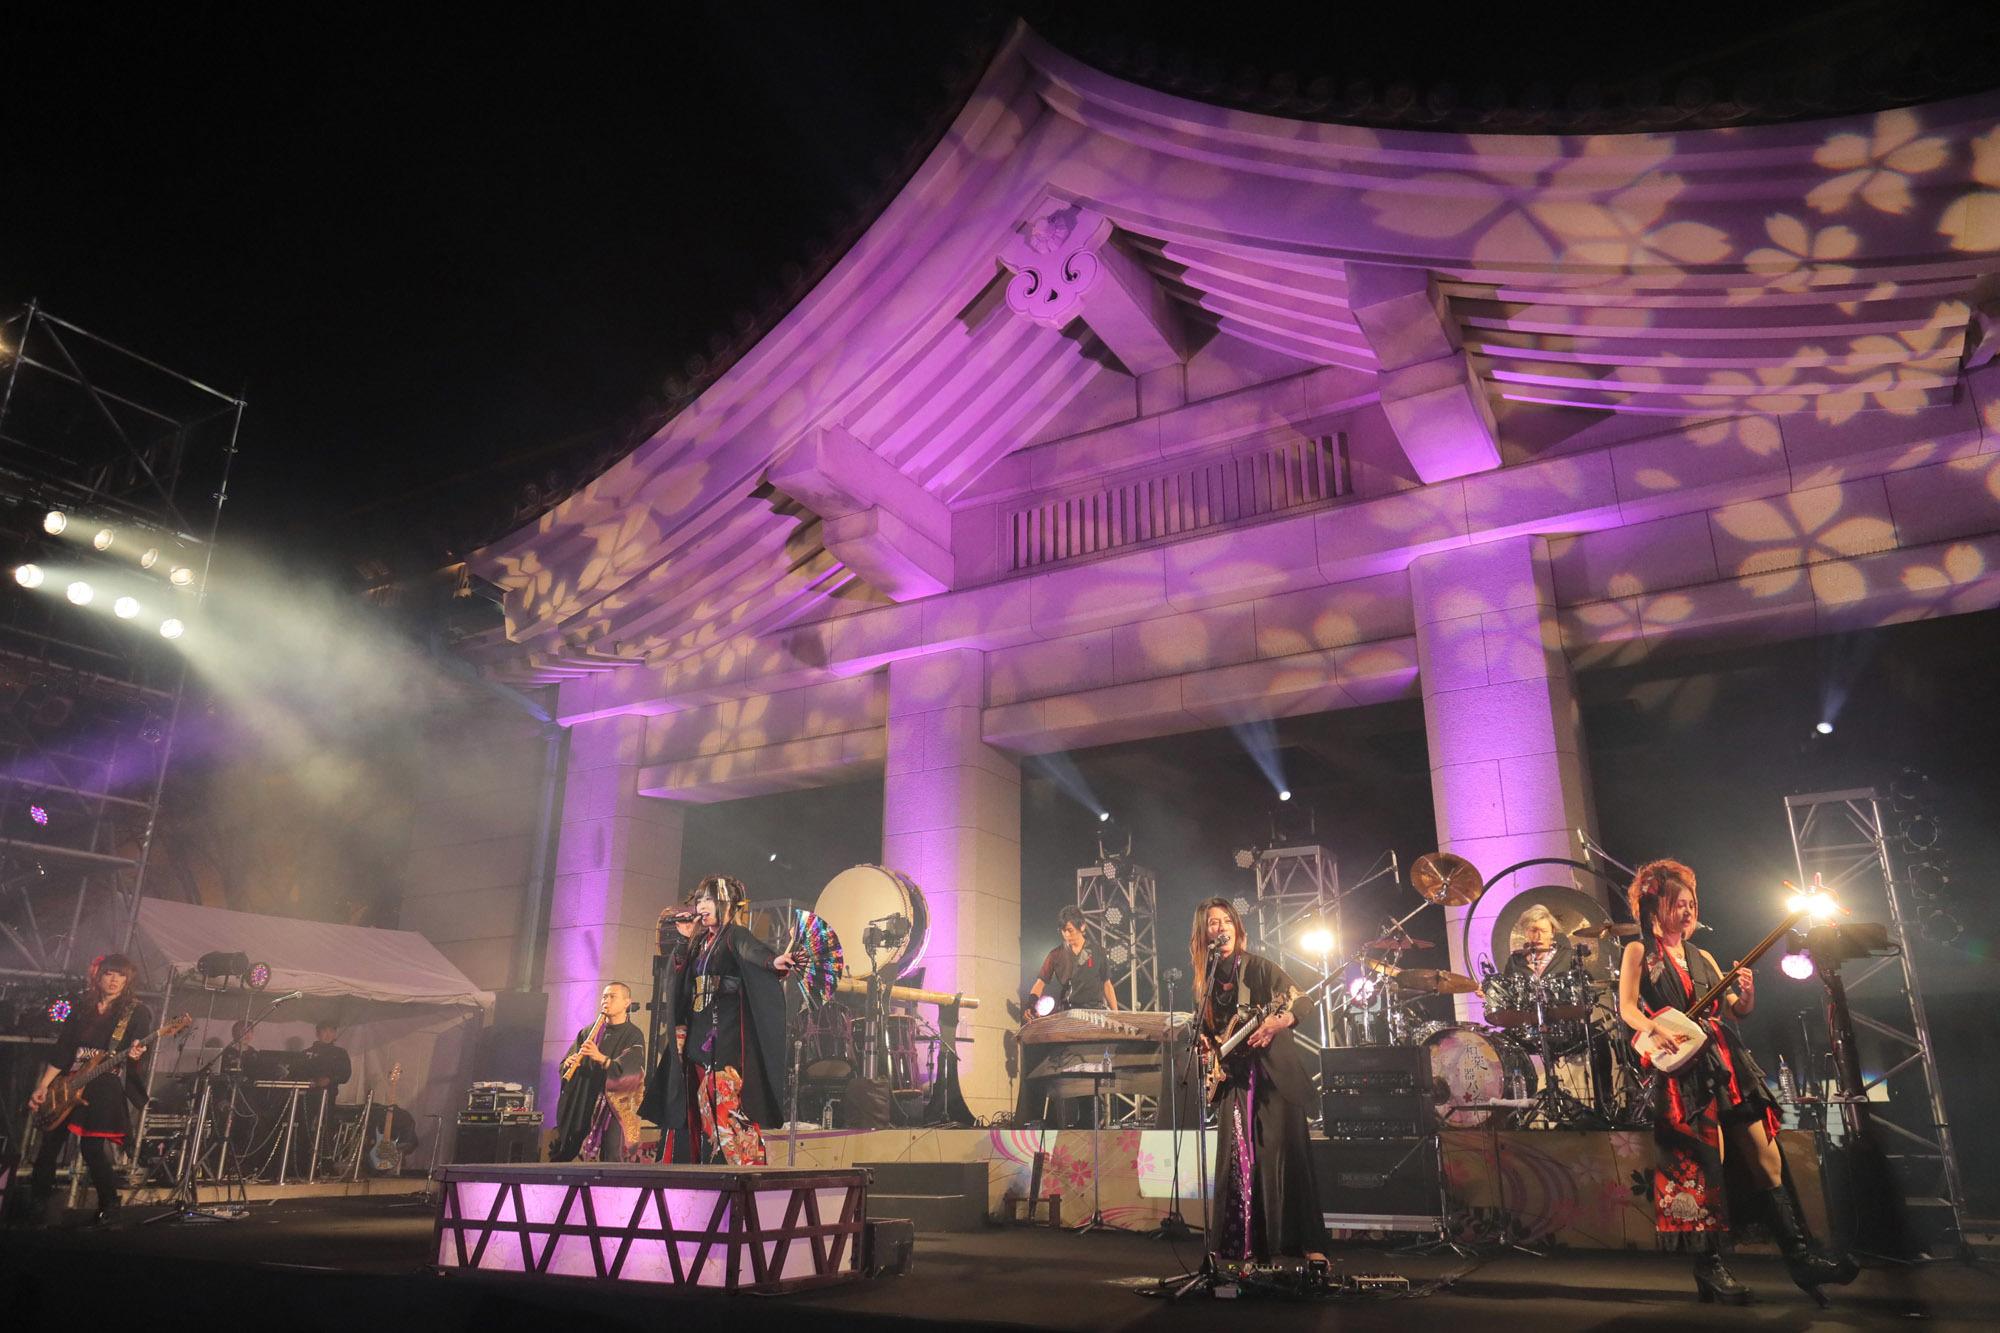 和楽器バンドフリーライブ 東京国立博物館